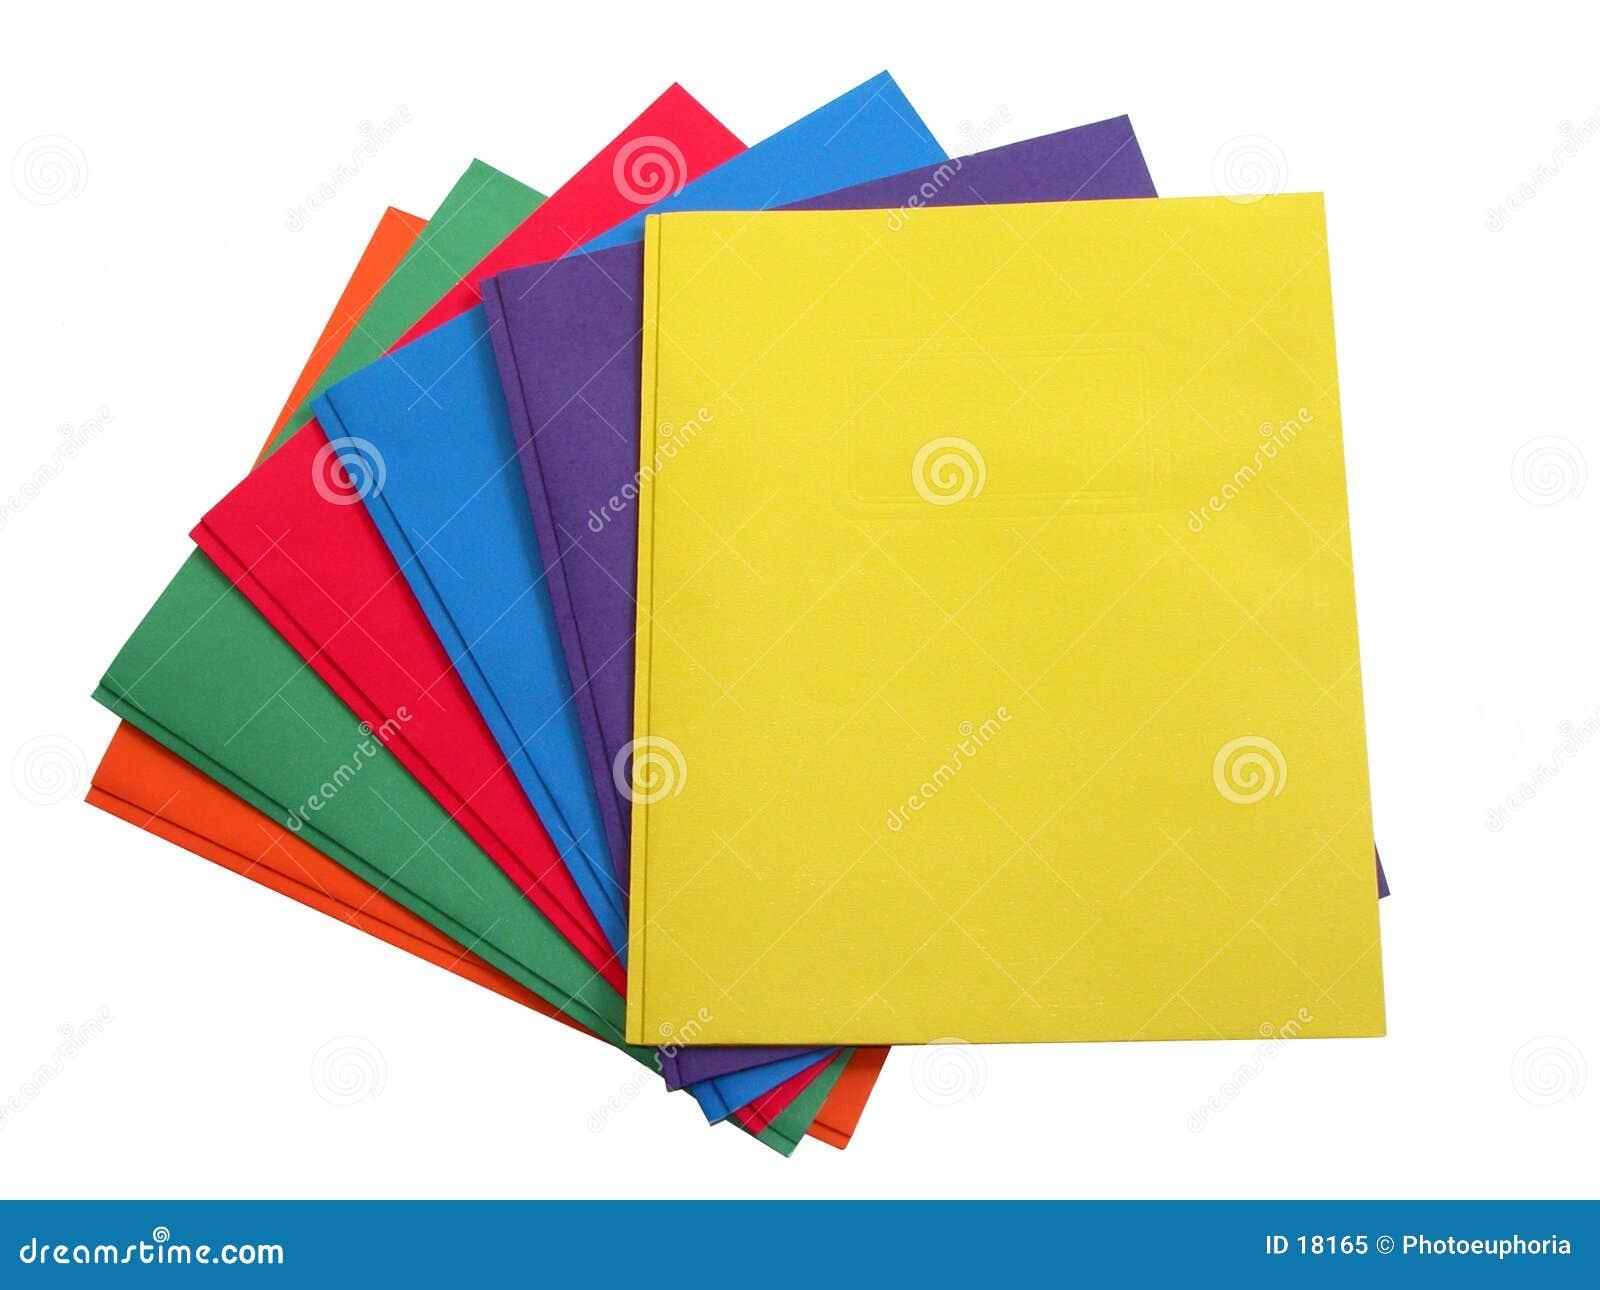 School & Bureau: Stapel Multi Gekleurde Omslagen